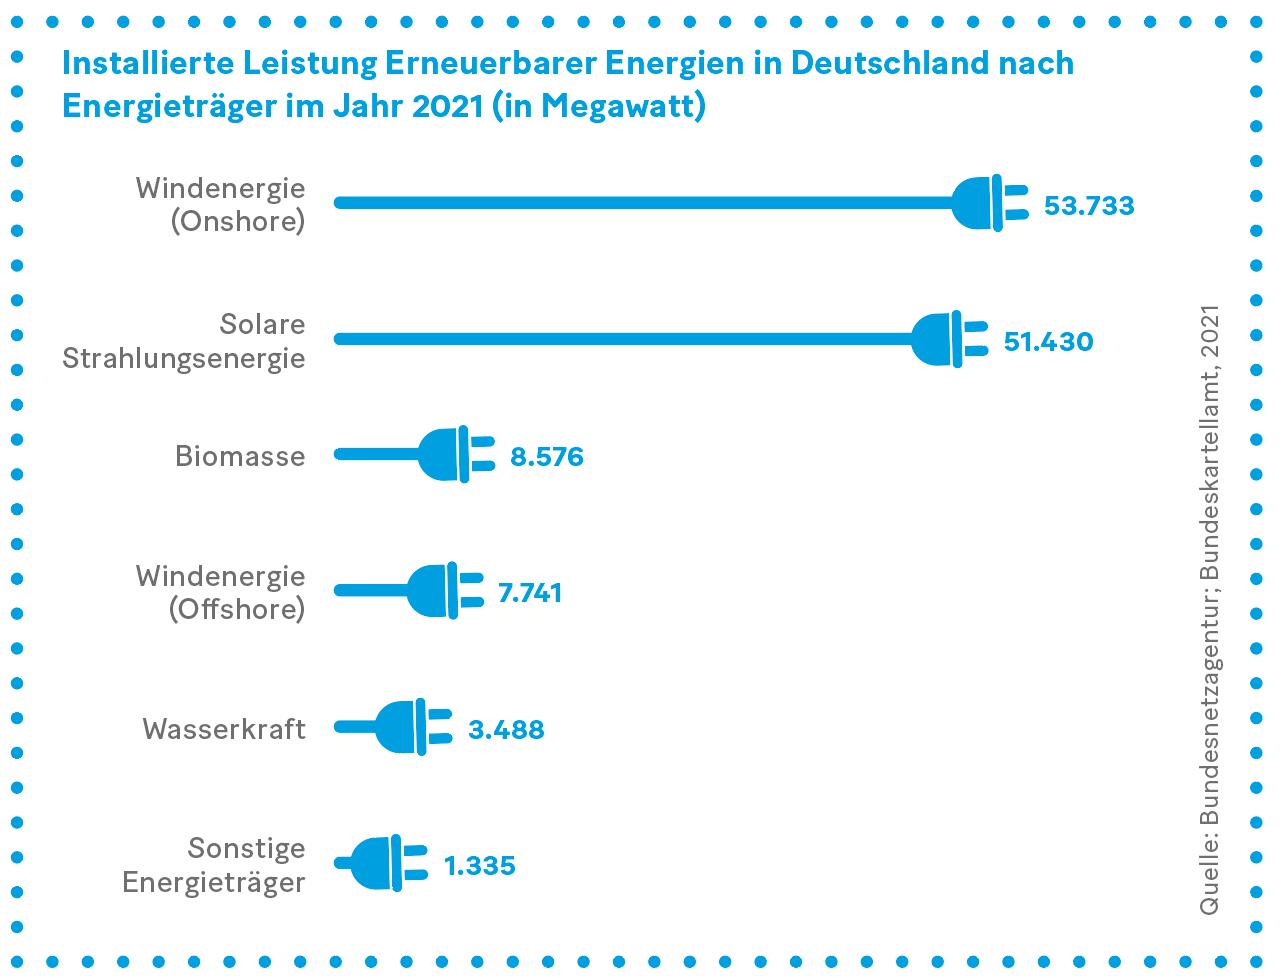 Grafik: Installierte Leistung Erneuerbarer Energien in Deutschland nach  Energieträger im Jahr 2021 (in Megawatt)